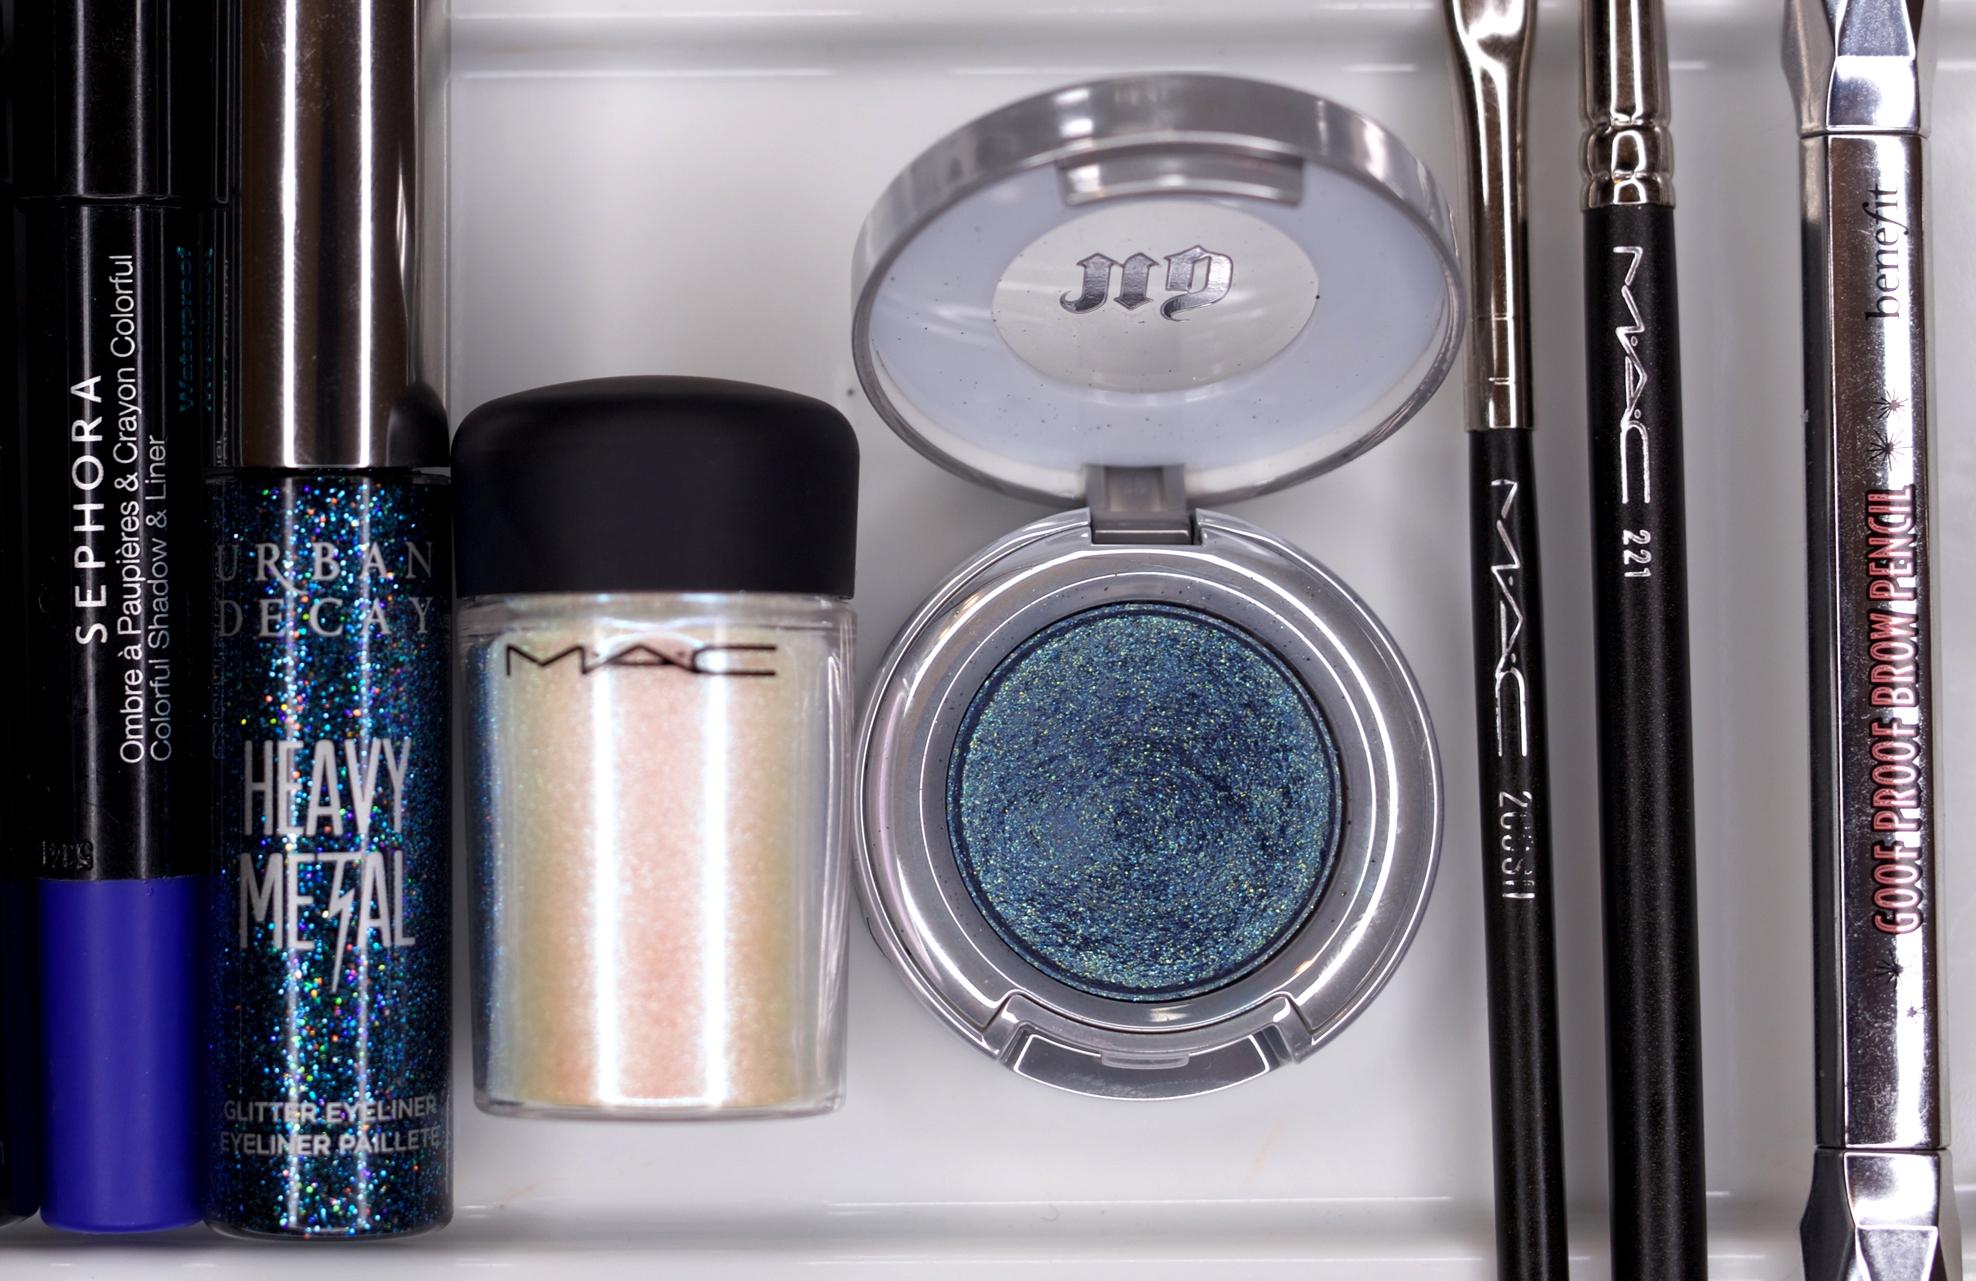 HOW TO Easy Glitter Eyeliner - woahstyle.com_17644.jpg